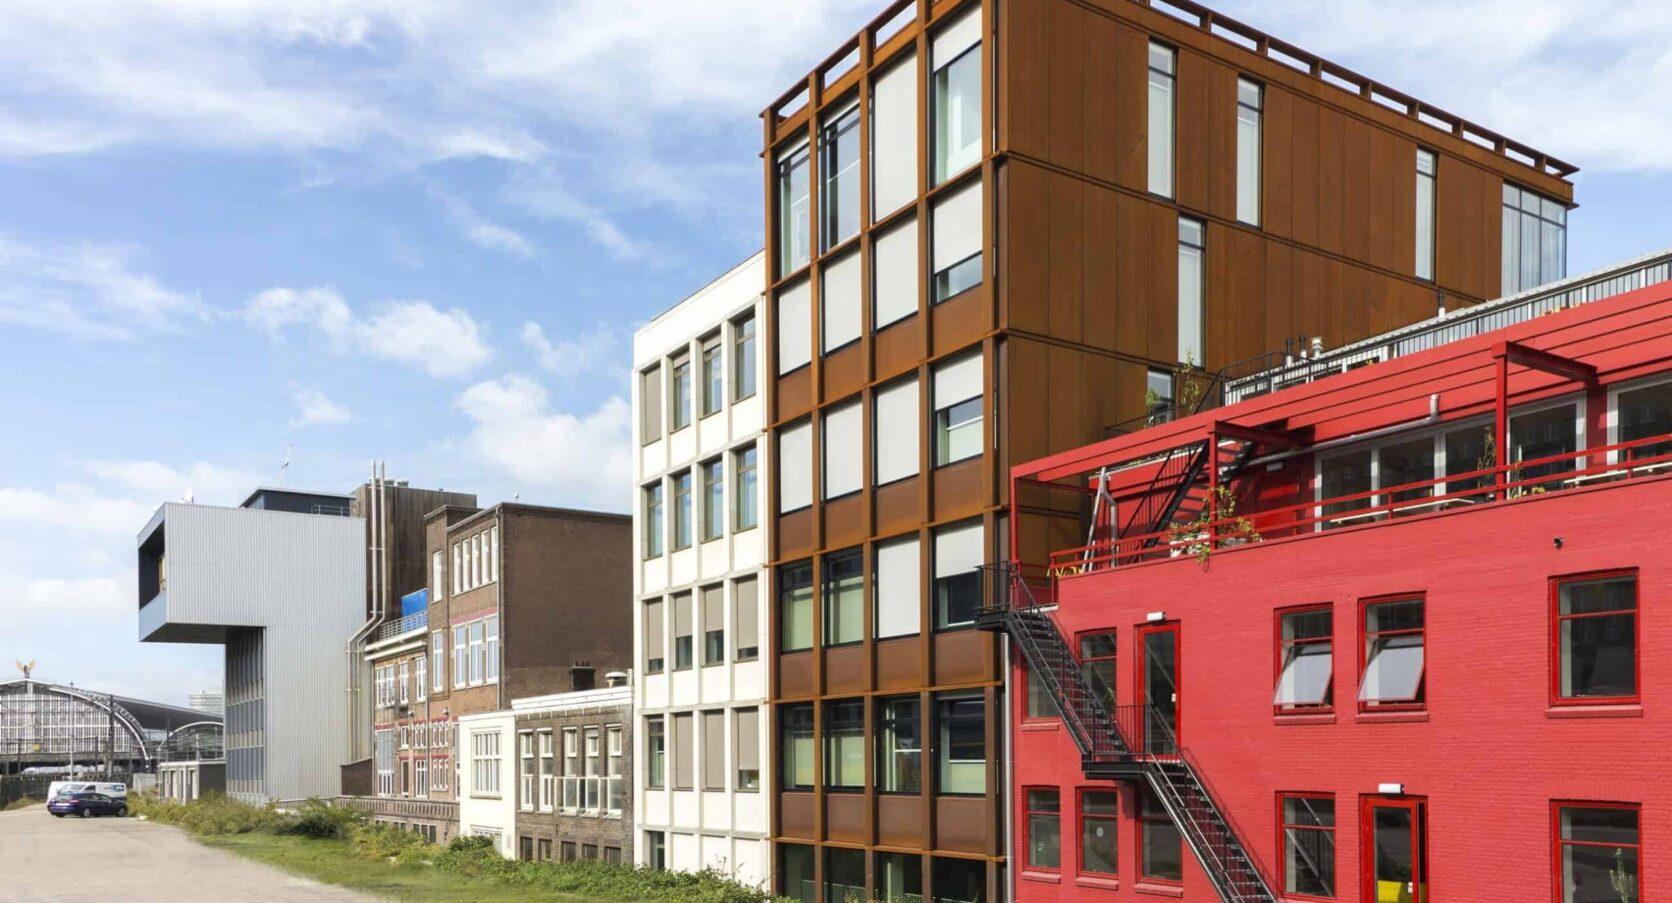 Zijaanzicht van de hotelappartementen aan de DeRuyterkade in Amsterdam voorzien van cortenstaal gevelbekleding